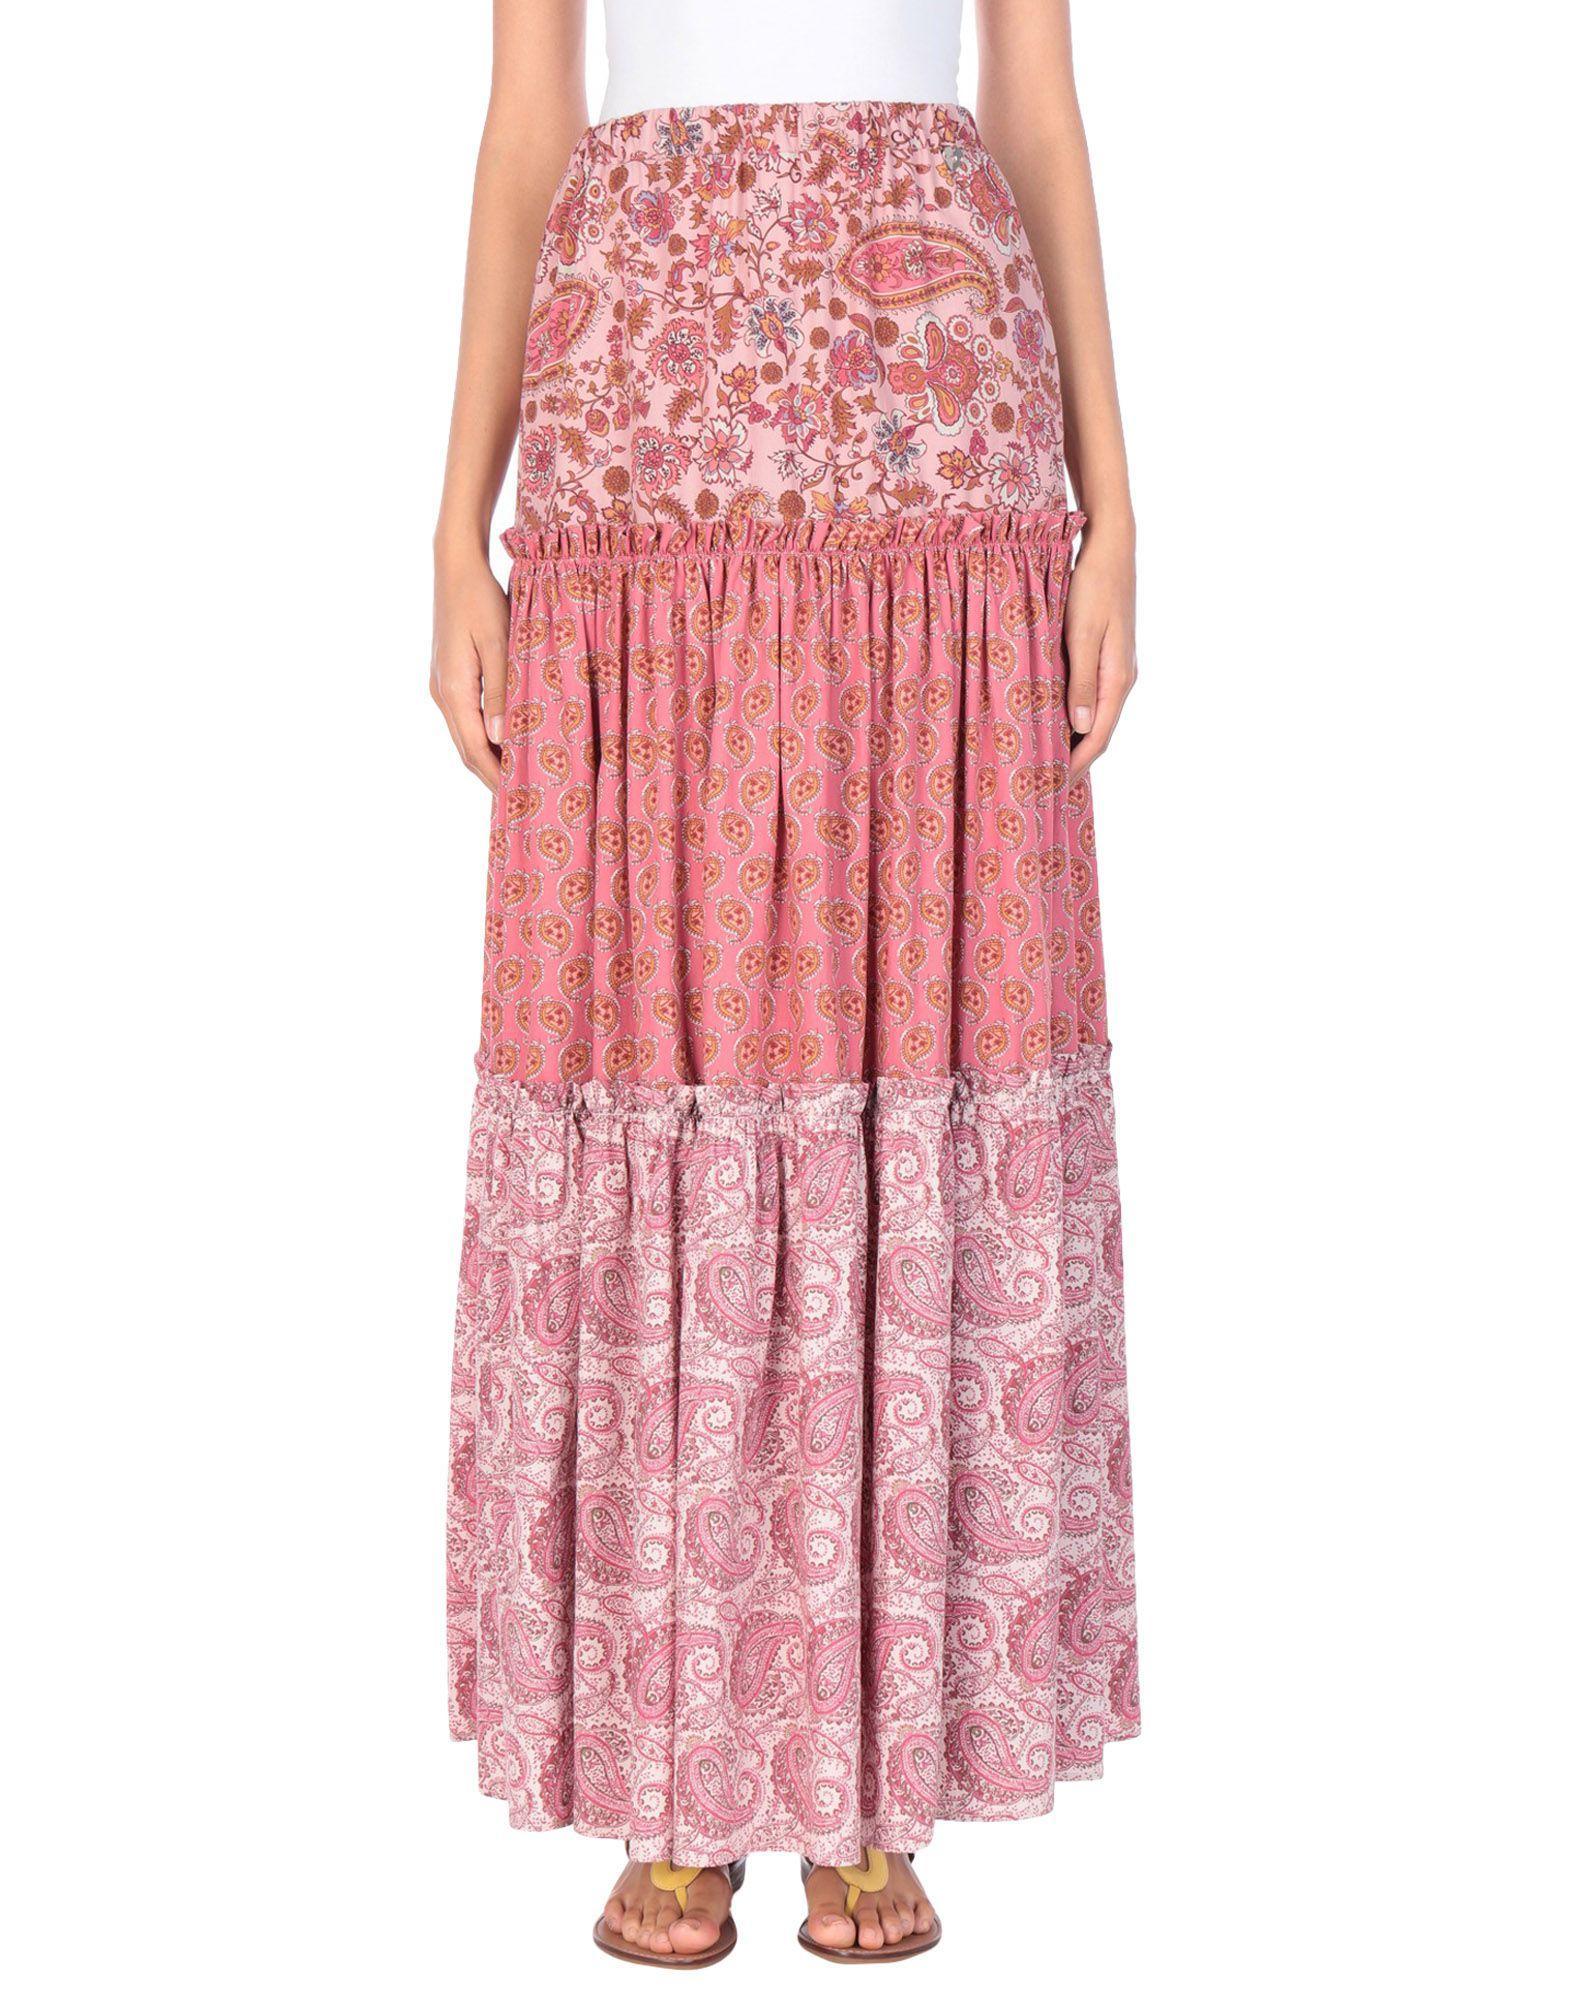 Длинная юбка  Розовый цвета